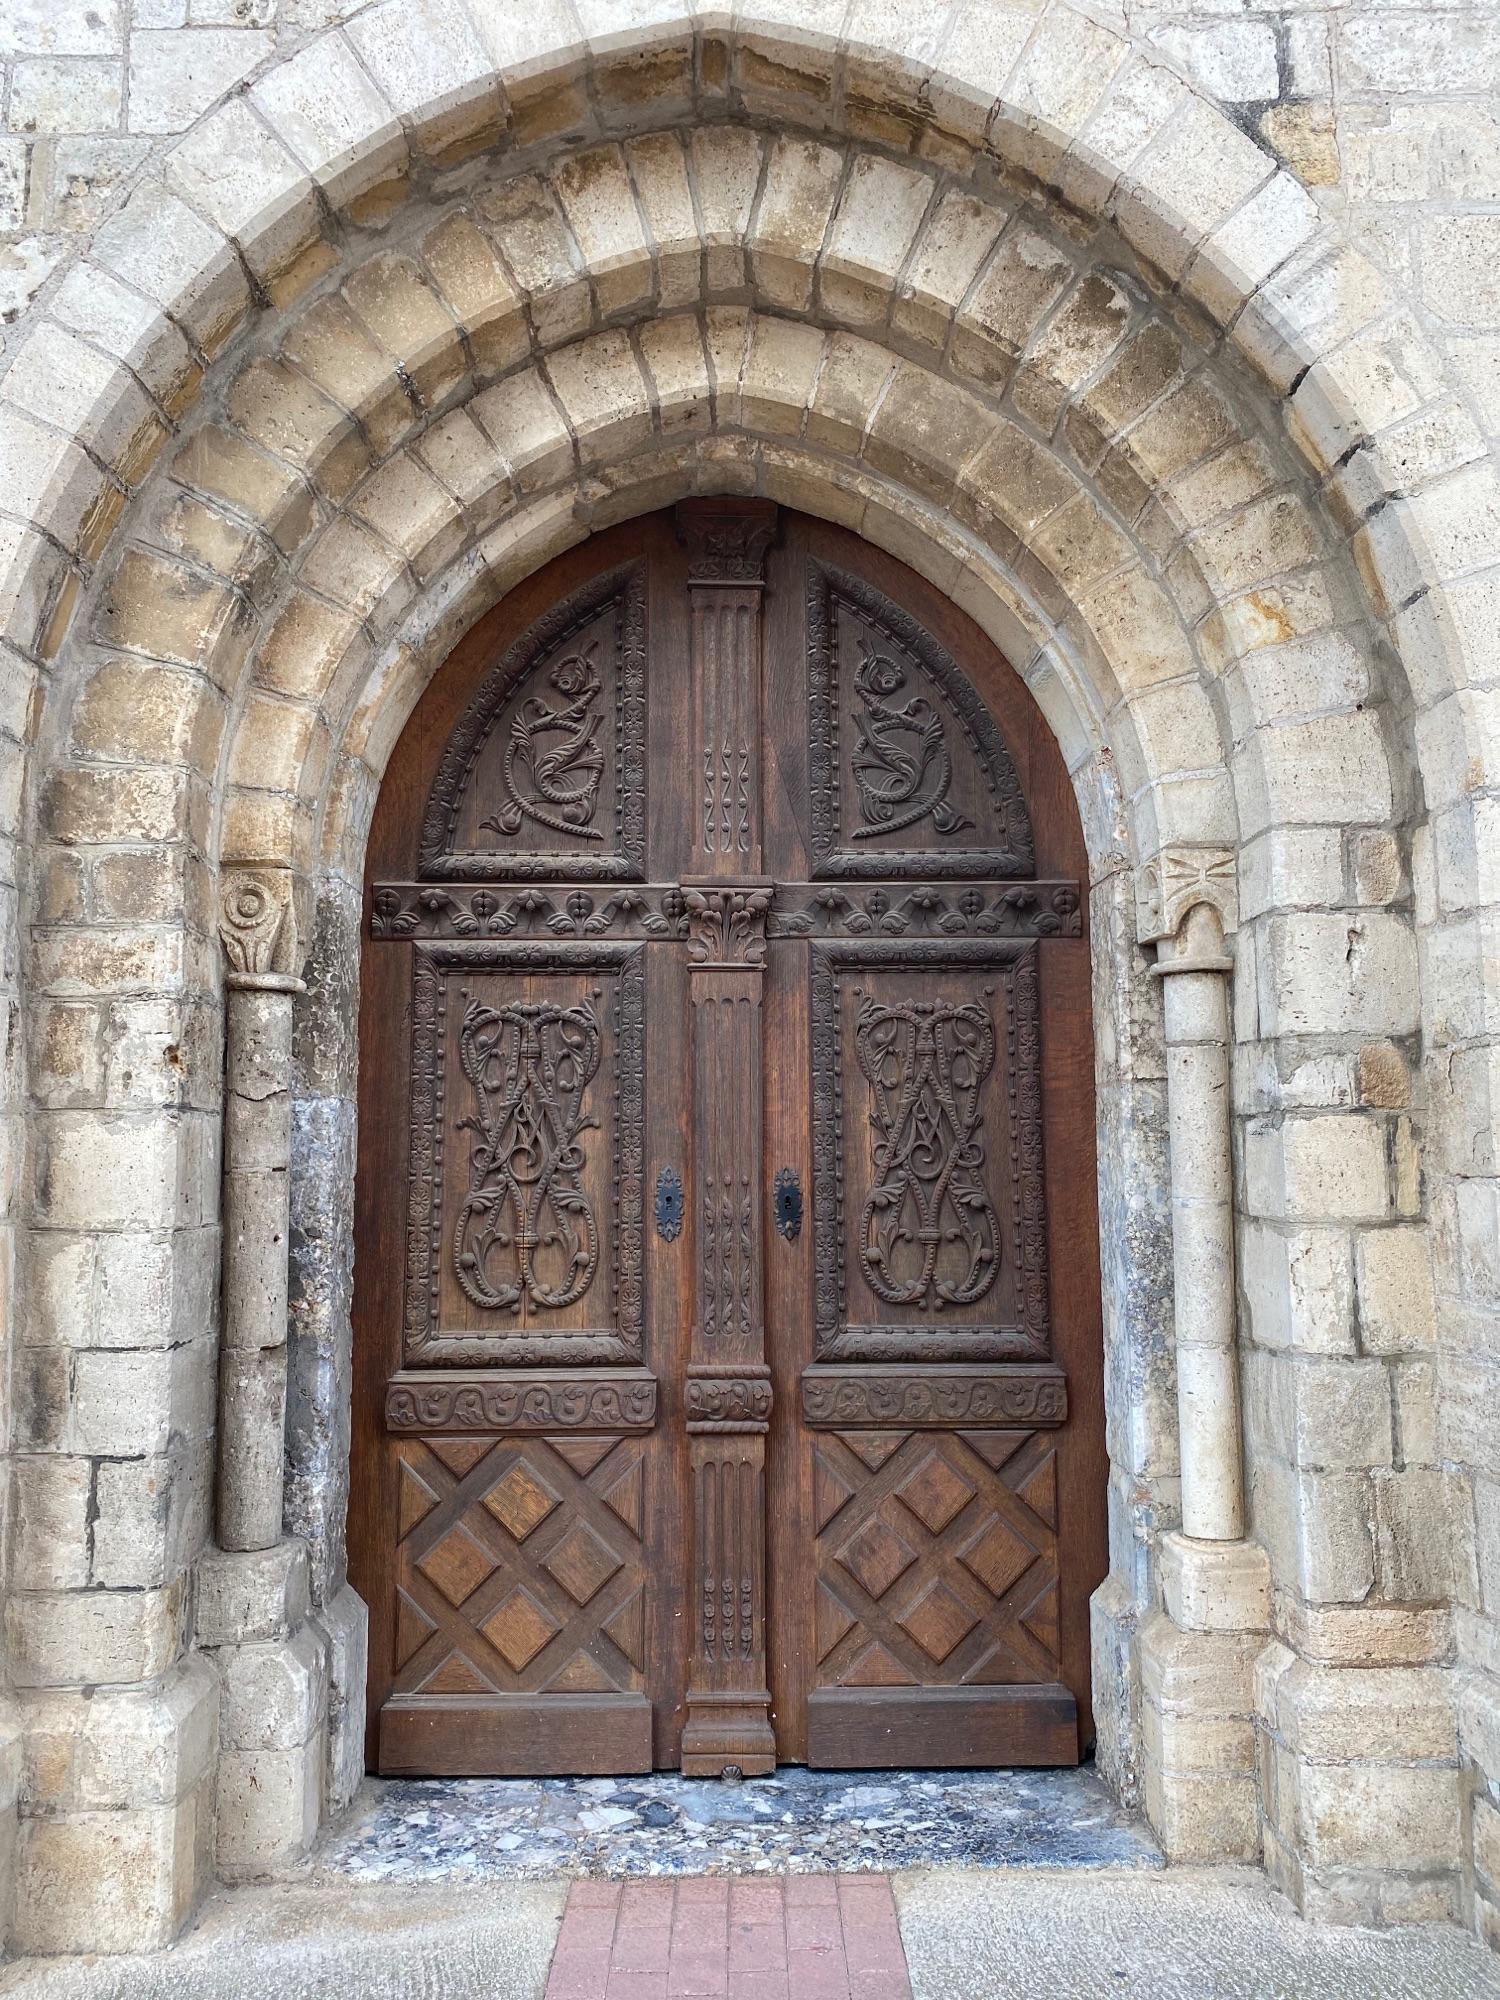 Что хотел сказать автор этими рисунками на церковных дверях?